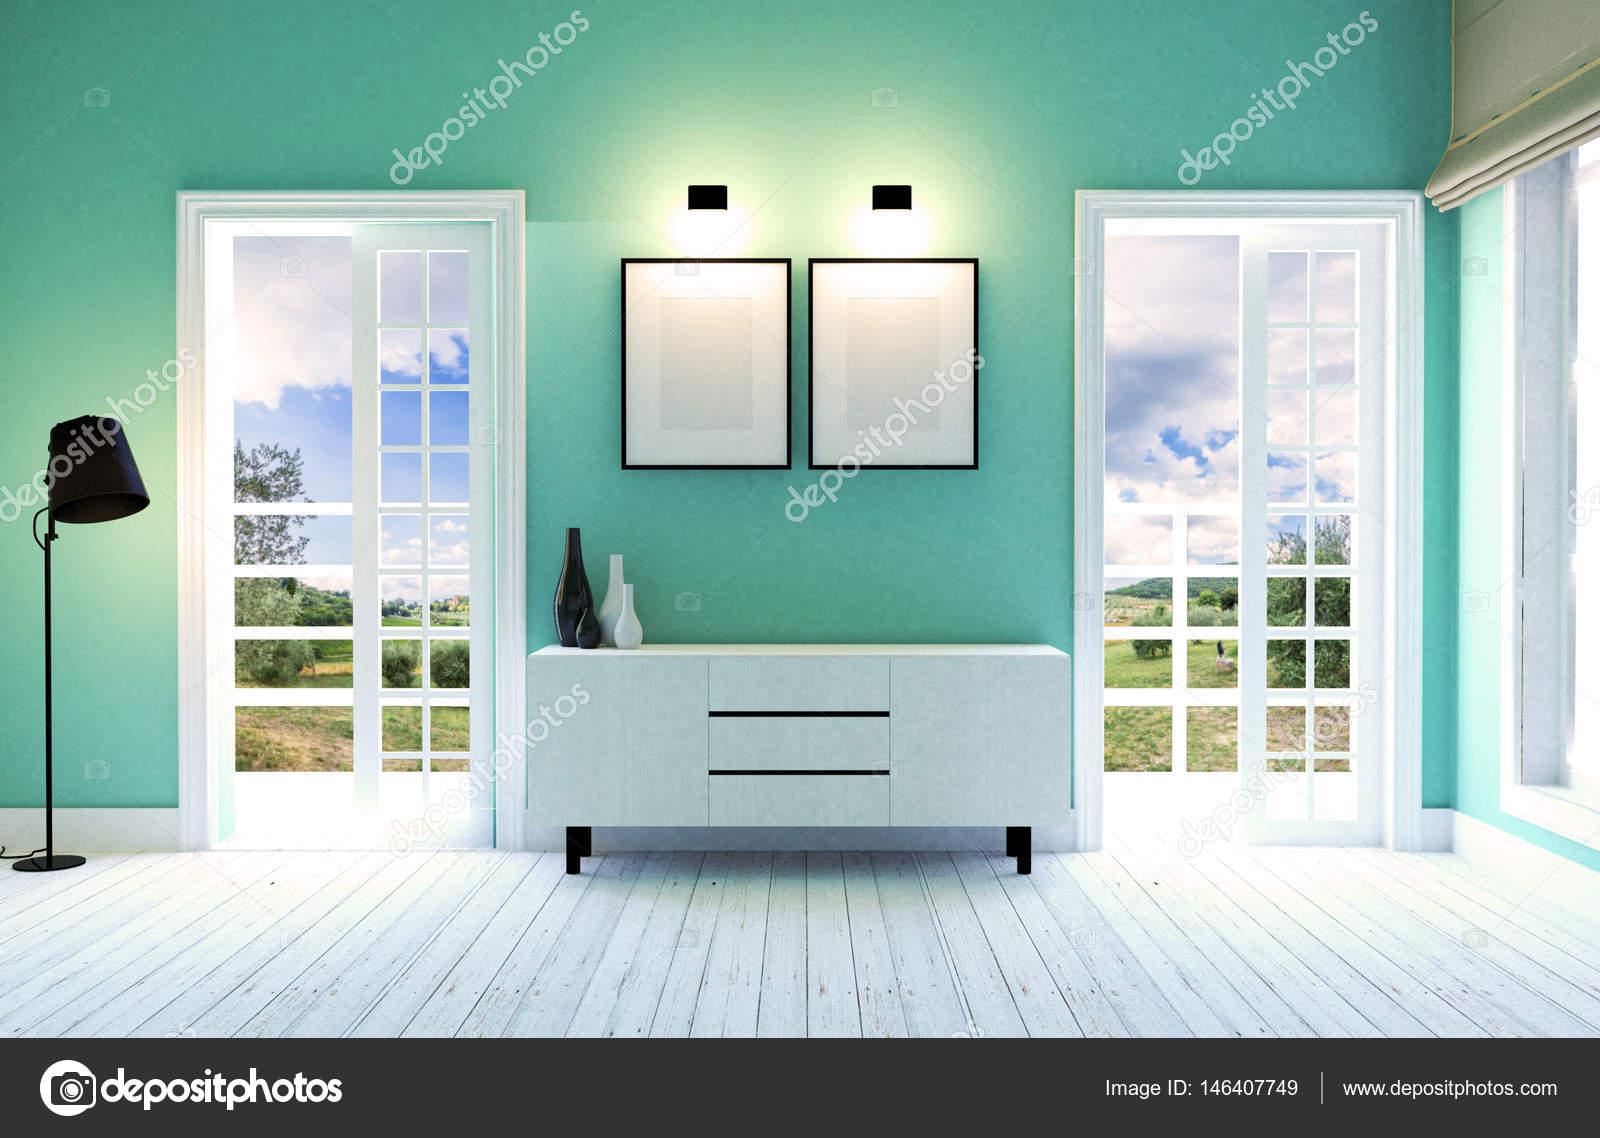 Moderne Und Zeitgenössische Wohnzimmer Interieur Mit Grünen Wand, Weißen  Holzboden Und Dekorative Möbel, 3D